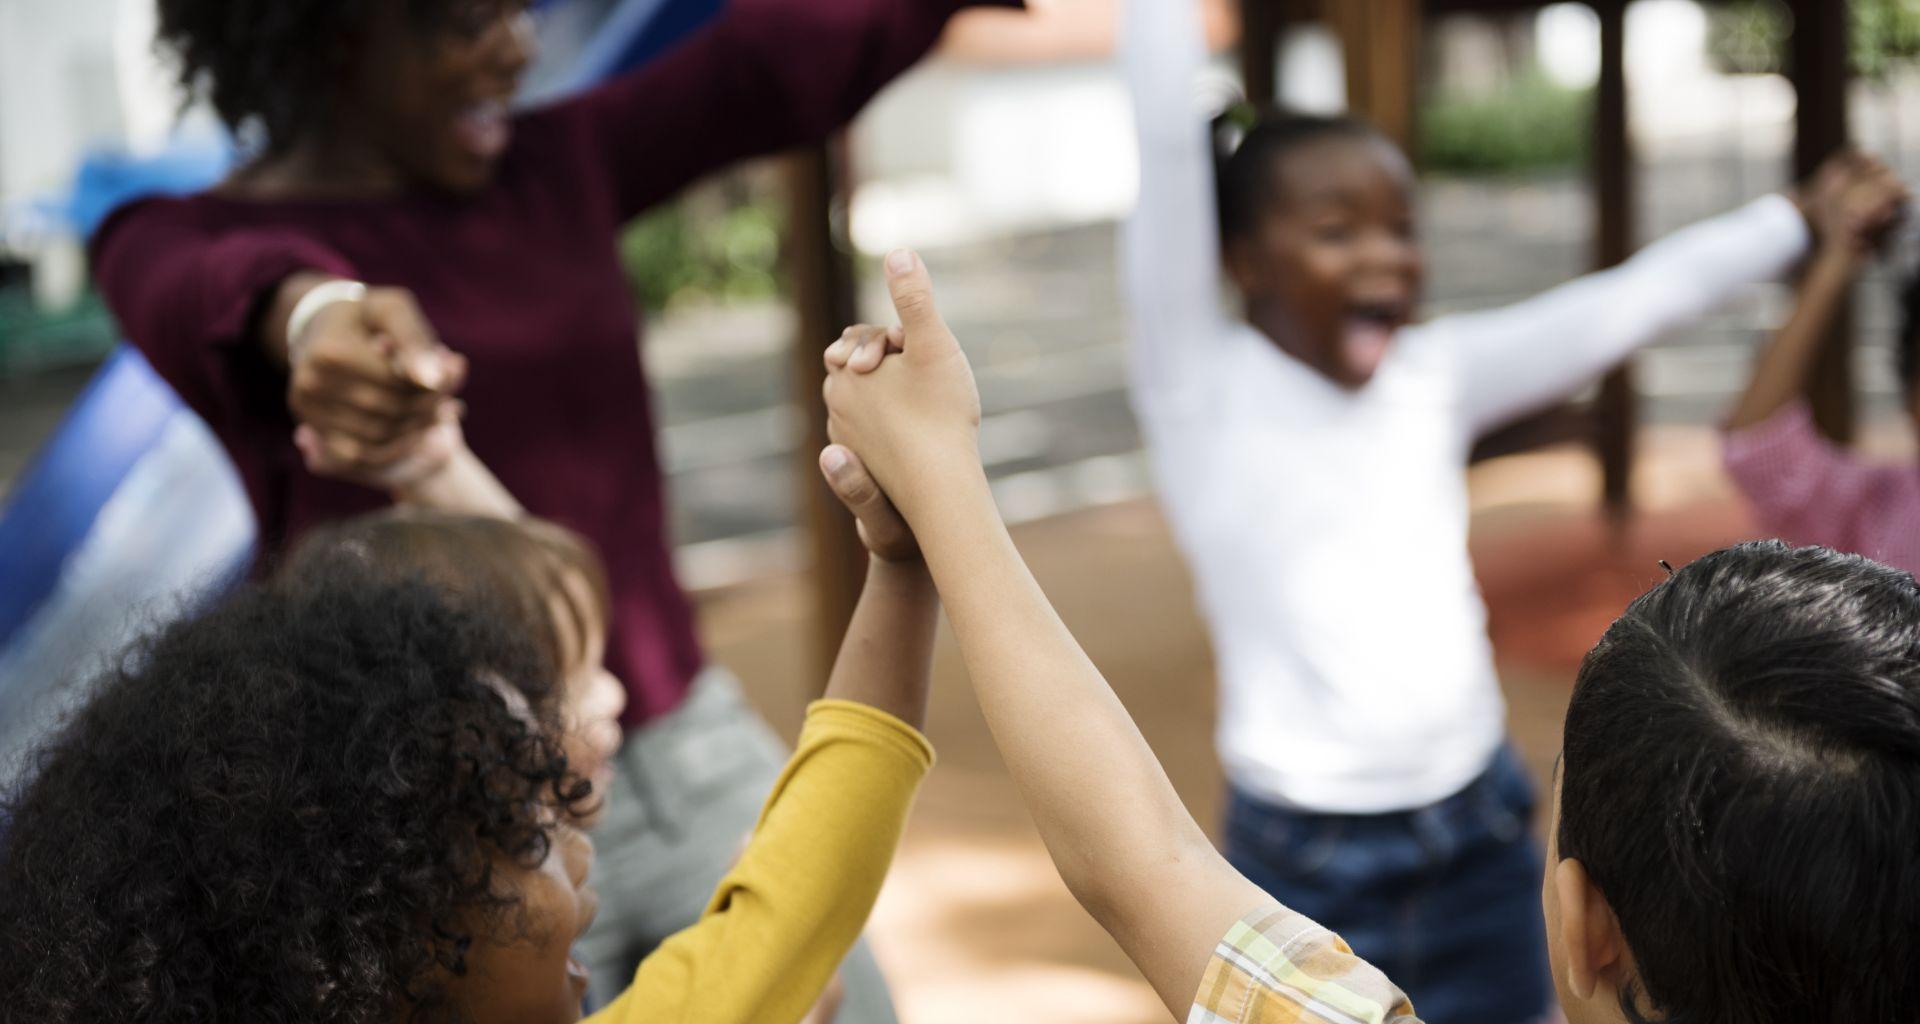 Group of diverse kindergarten students hands up together